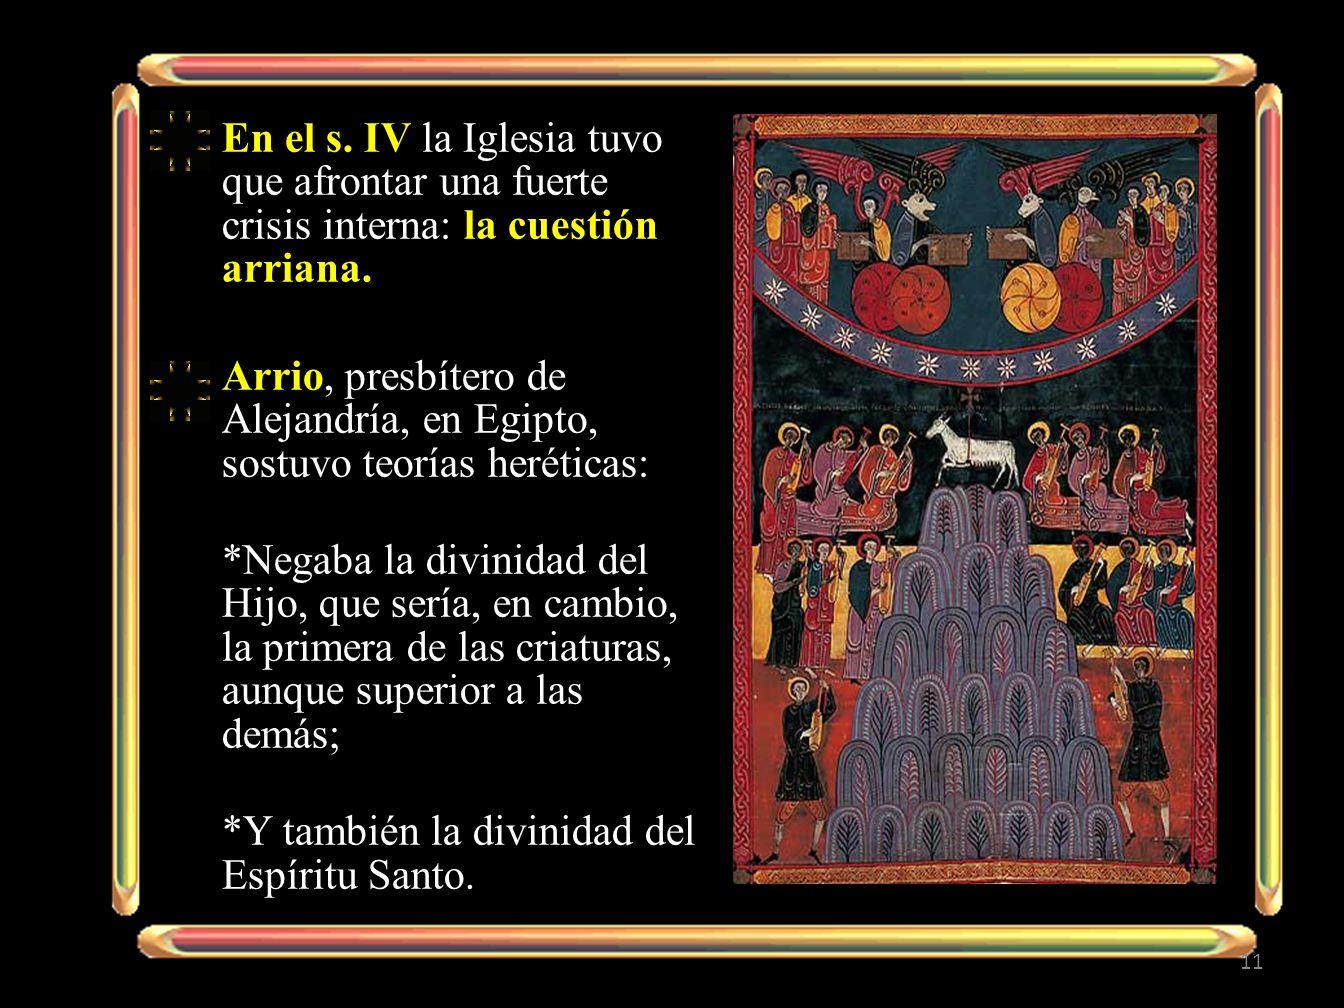 En el s. IV la Iglesia tuvo que afrontar una fuerte crisis interna: la cuestión arriana. Arrio, presbítero de Alejandría, en Egipto, sostuvo teorías h